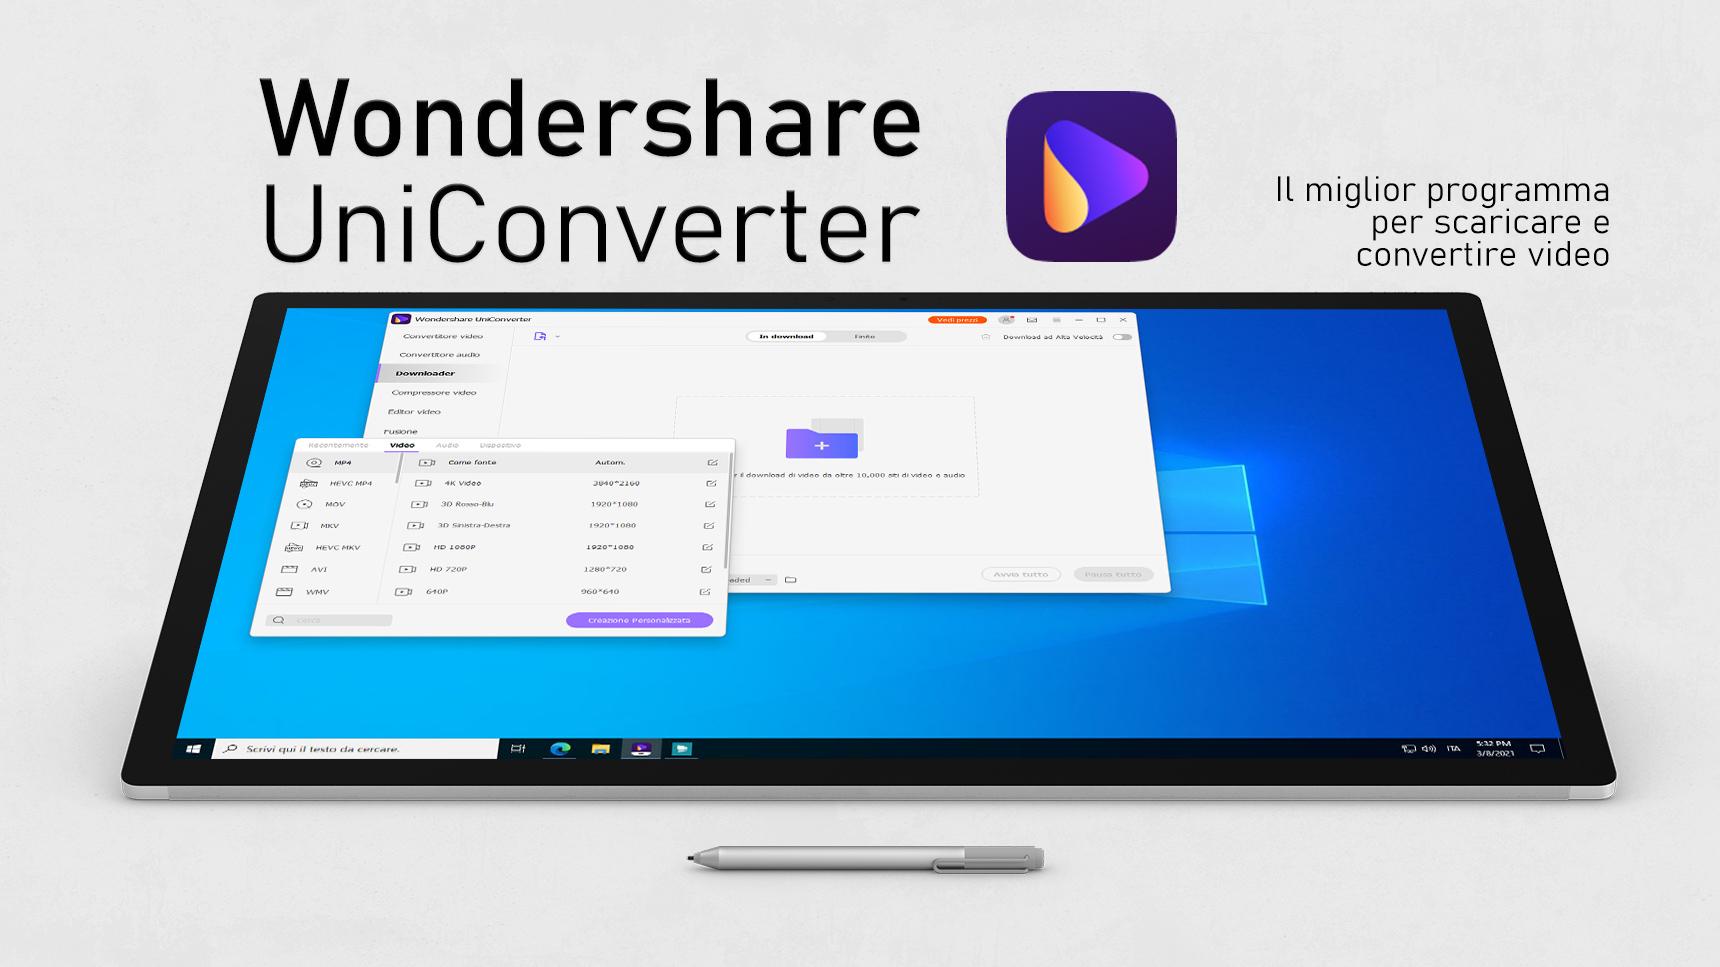 Wondershare UniConverter - Il miglior programma per scaricare e convertire video per Windows e Mac